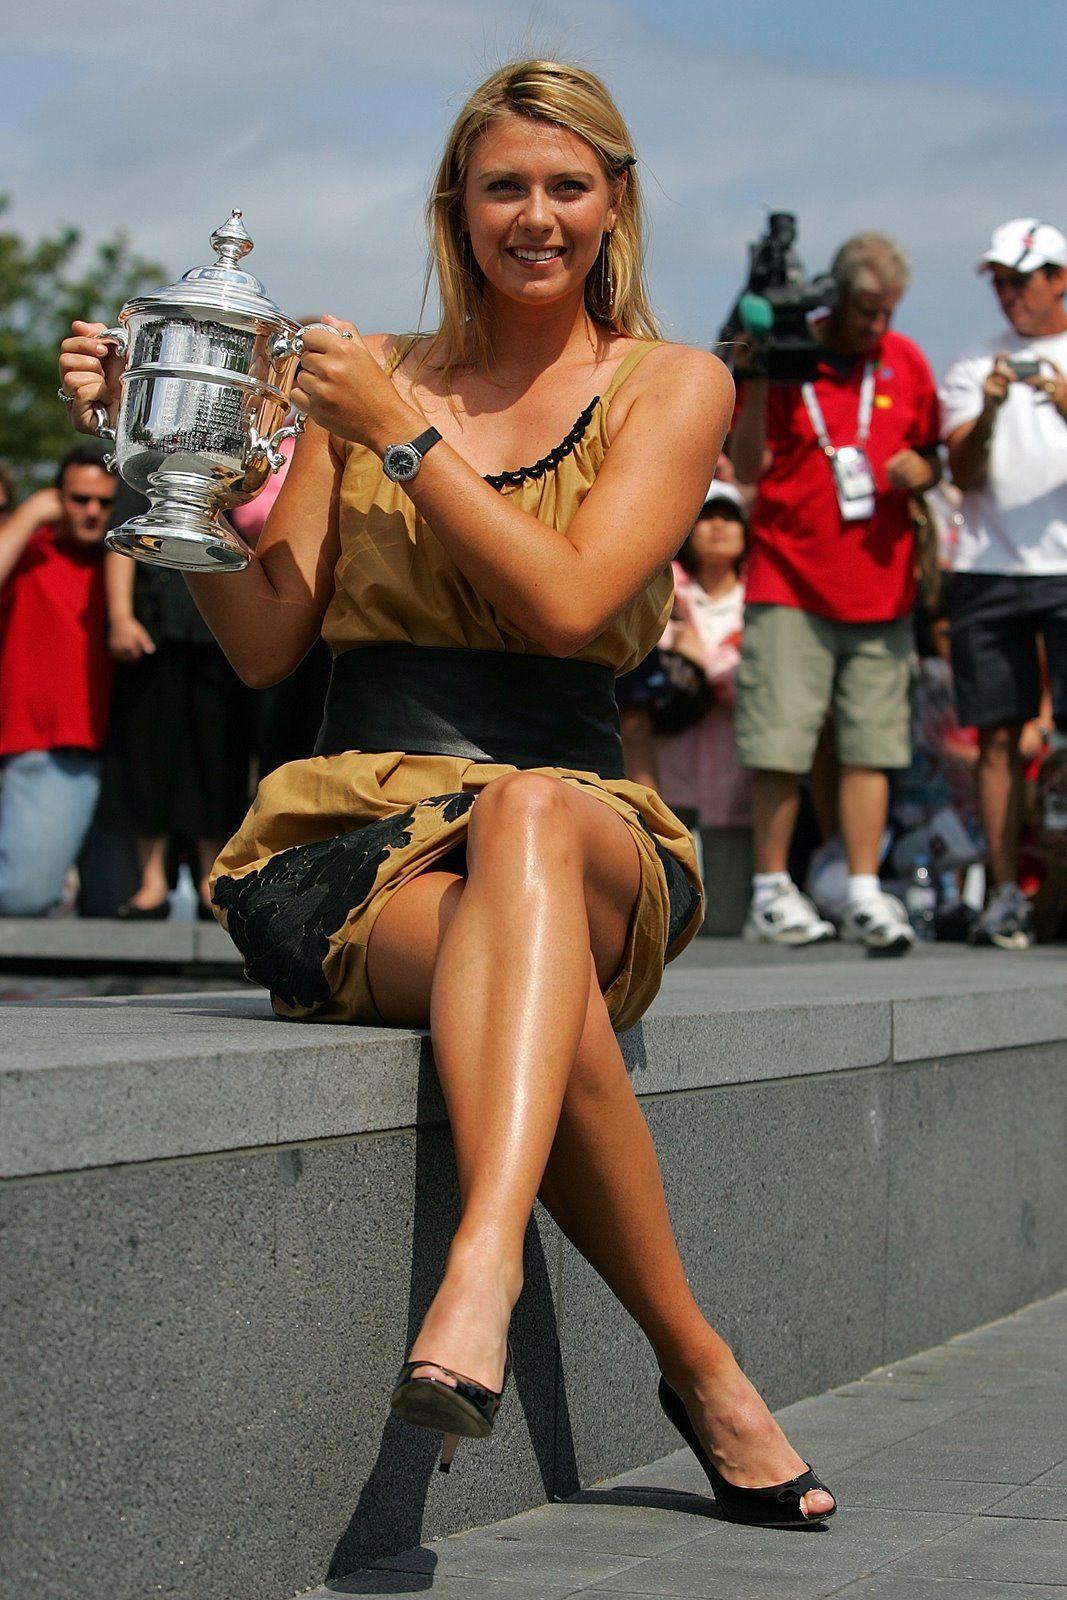 legs Maria sharapova